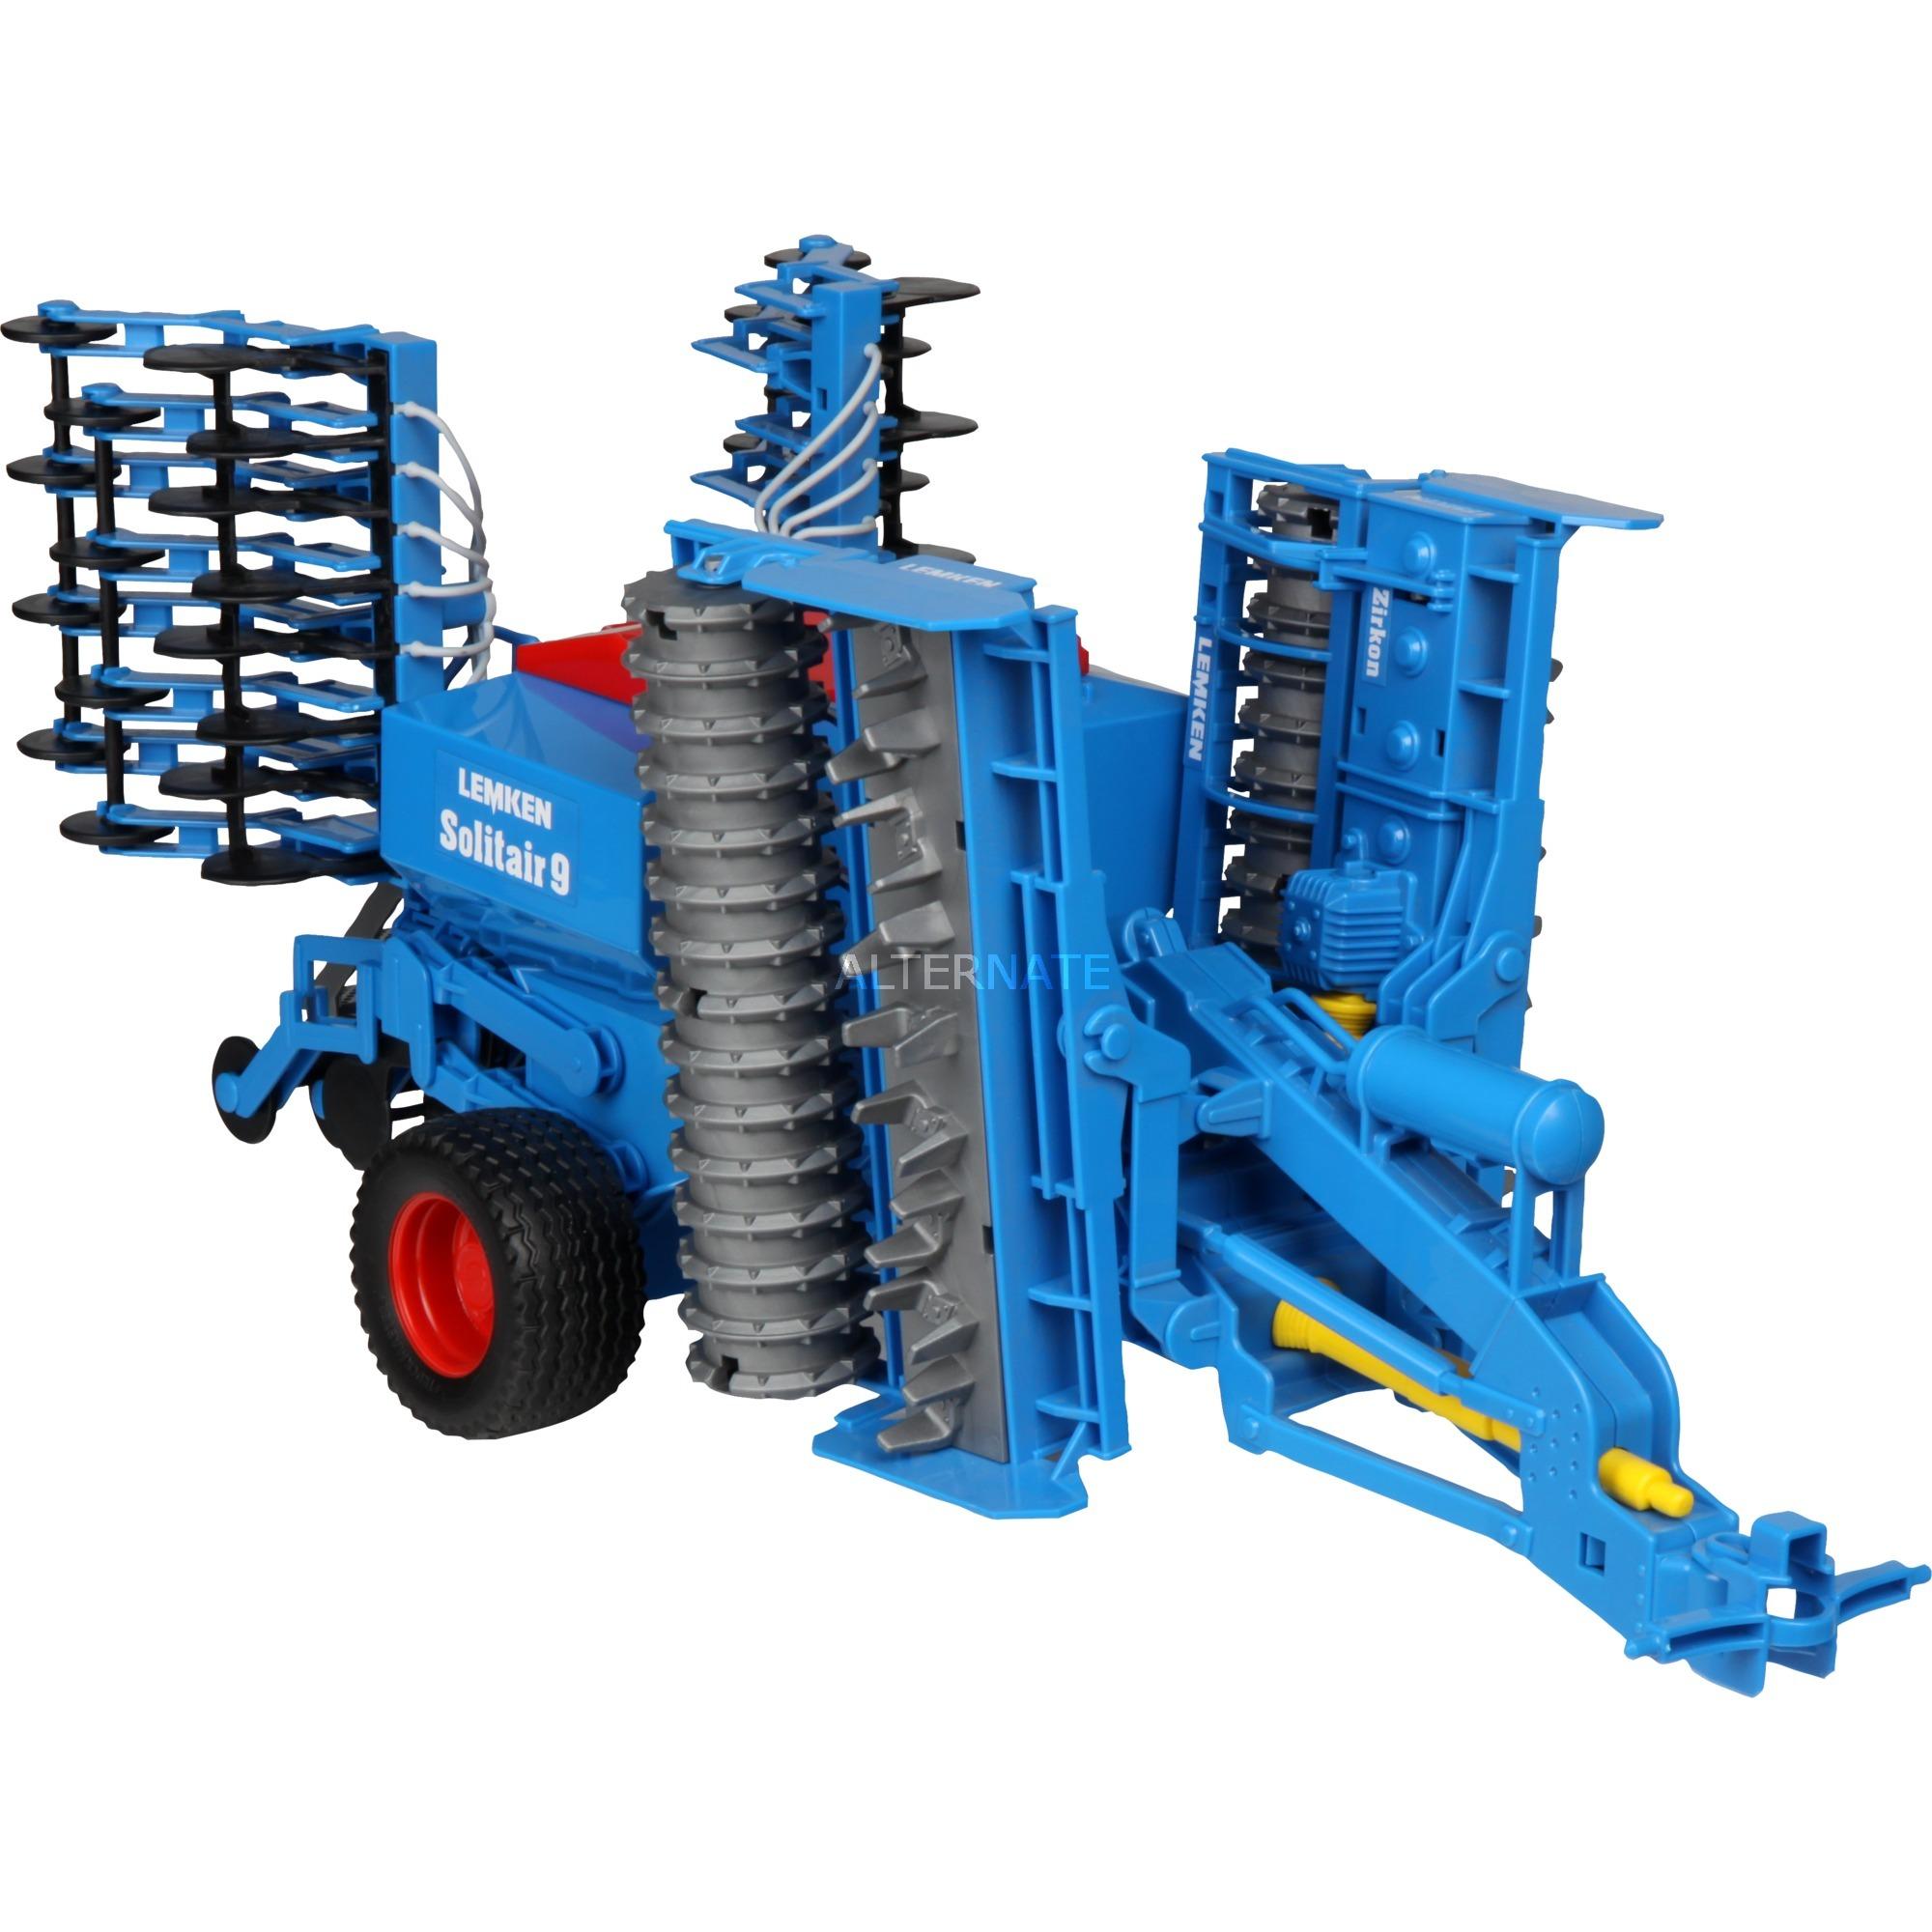 02026 vehículo de juguete, Automóvil de construcción